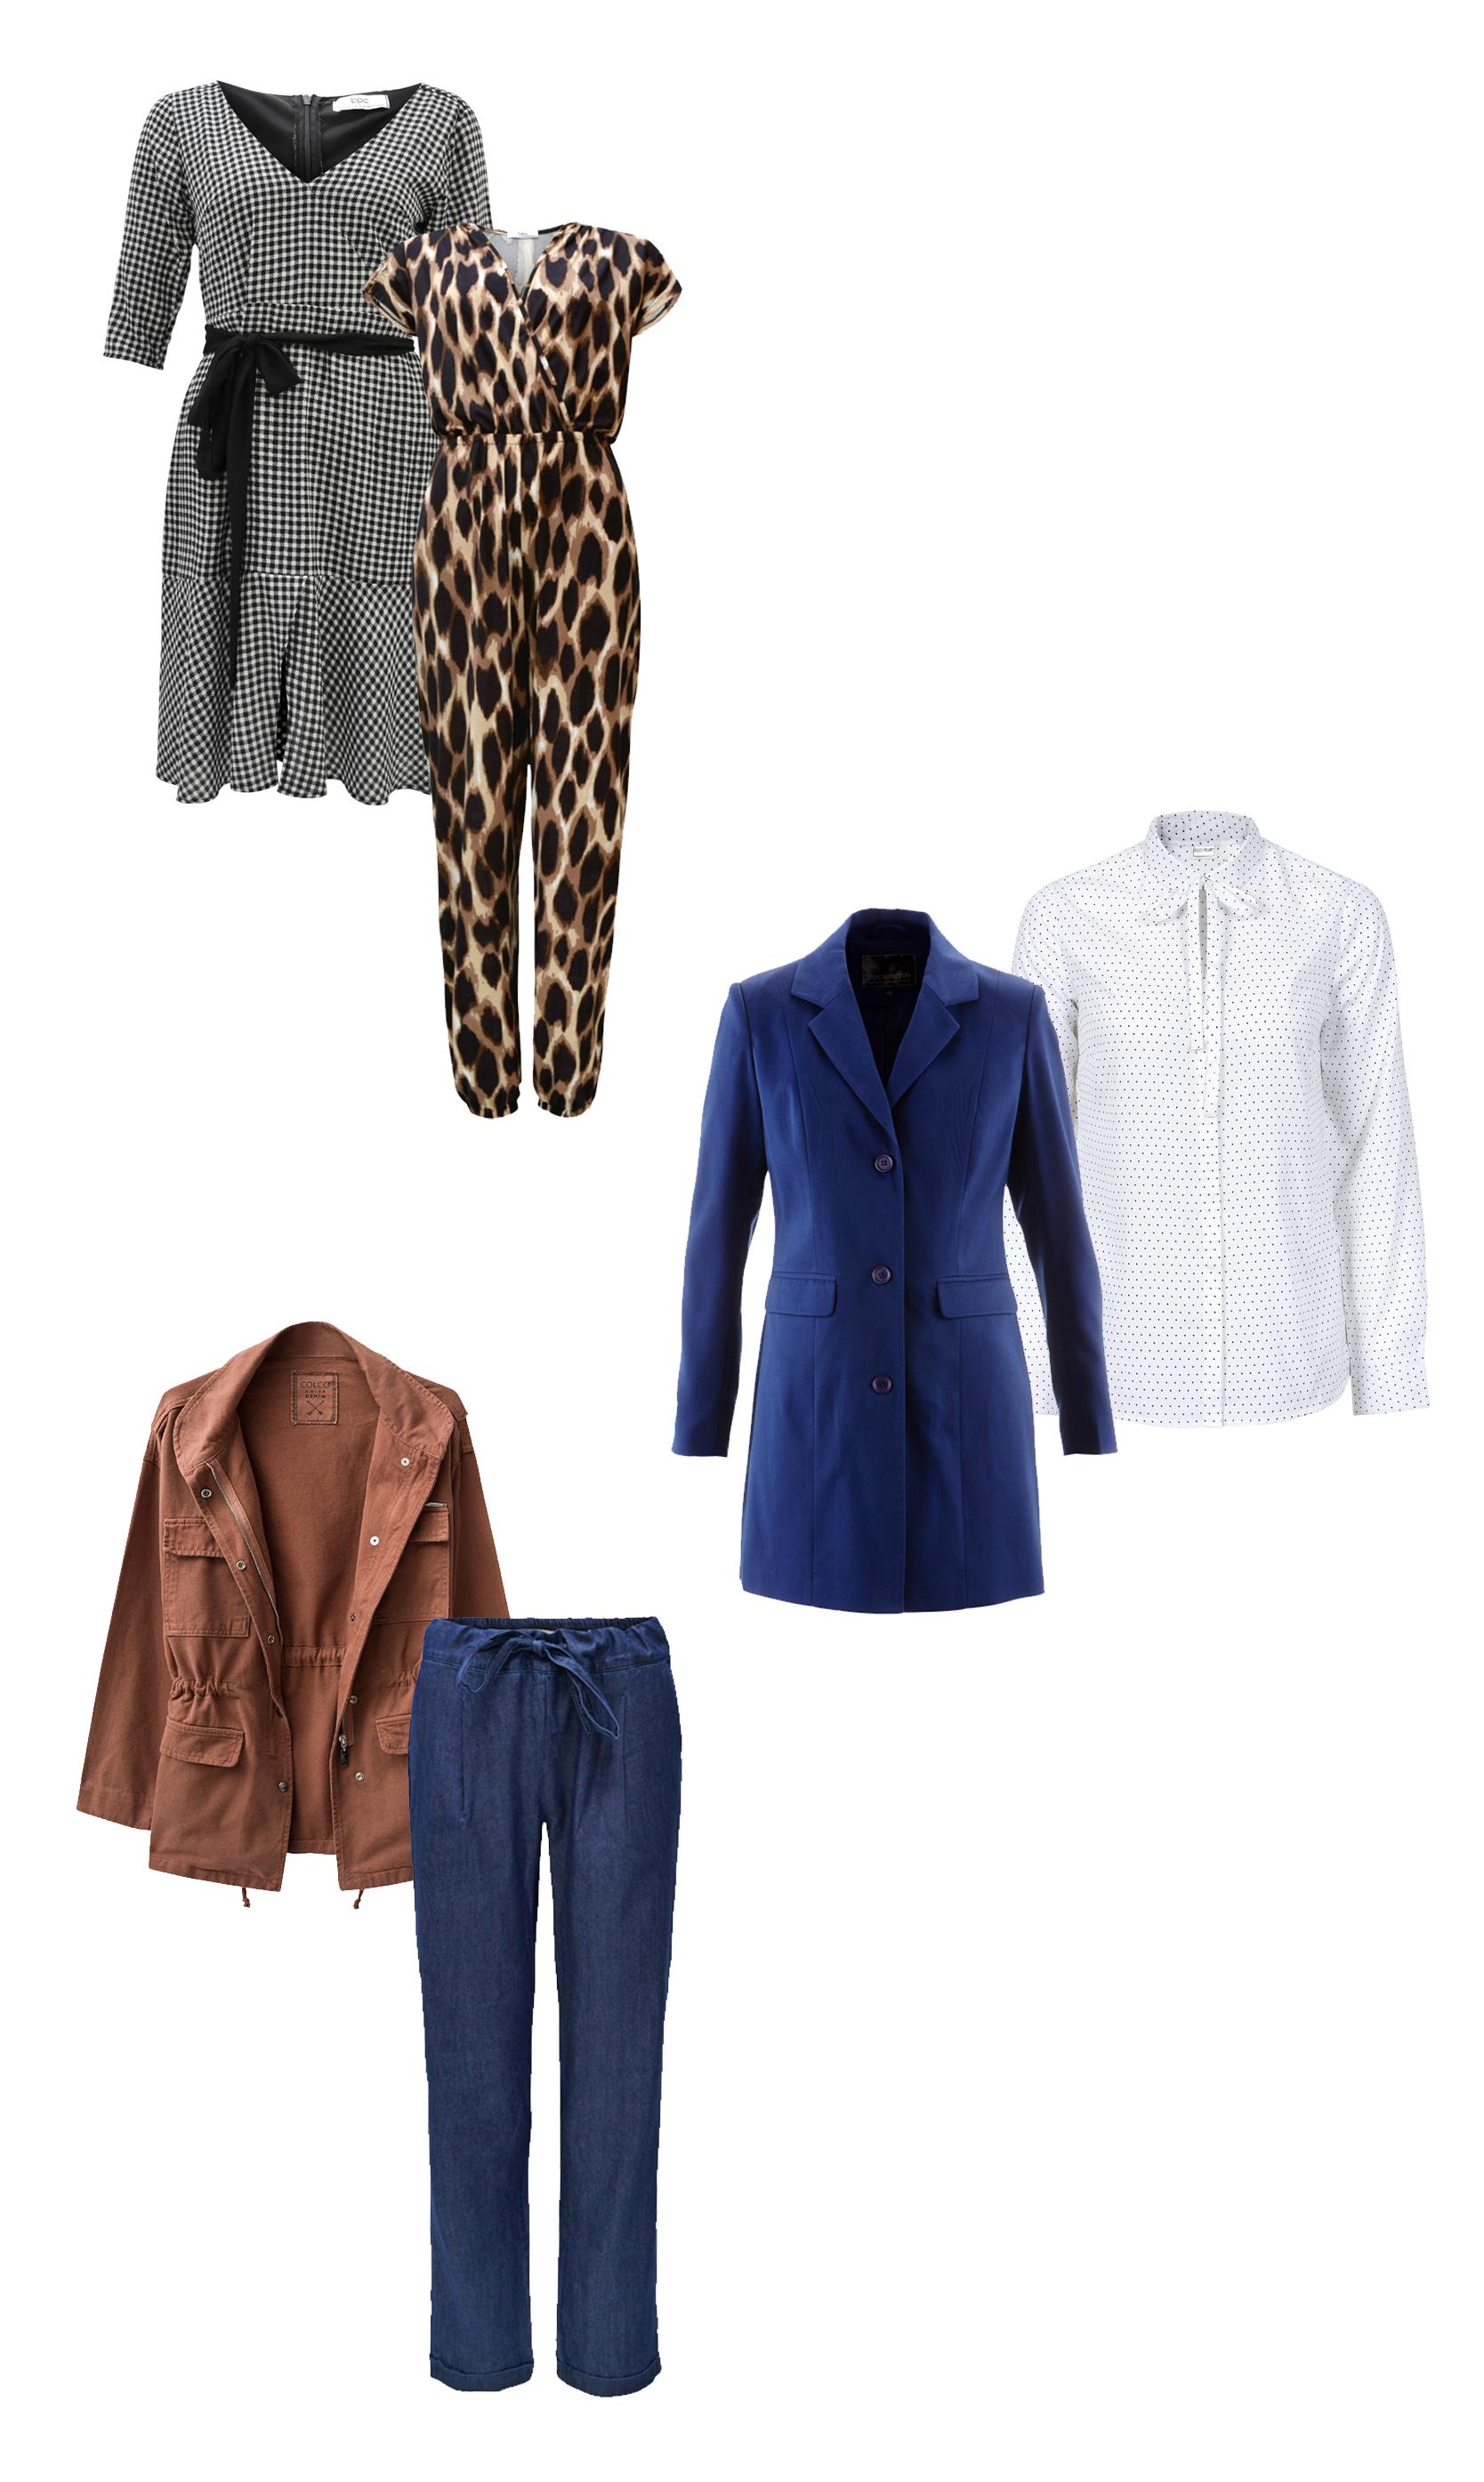 Dia das mães: itens de moda são boas opções para presentear, independentemente do estilo da sua